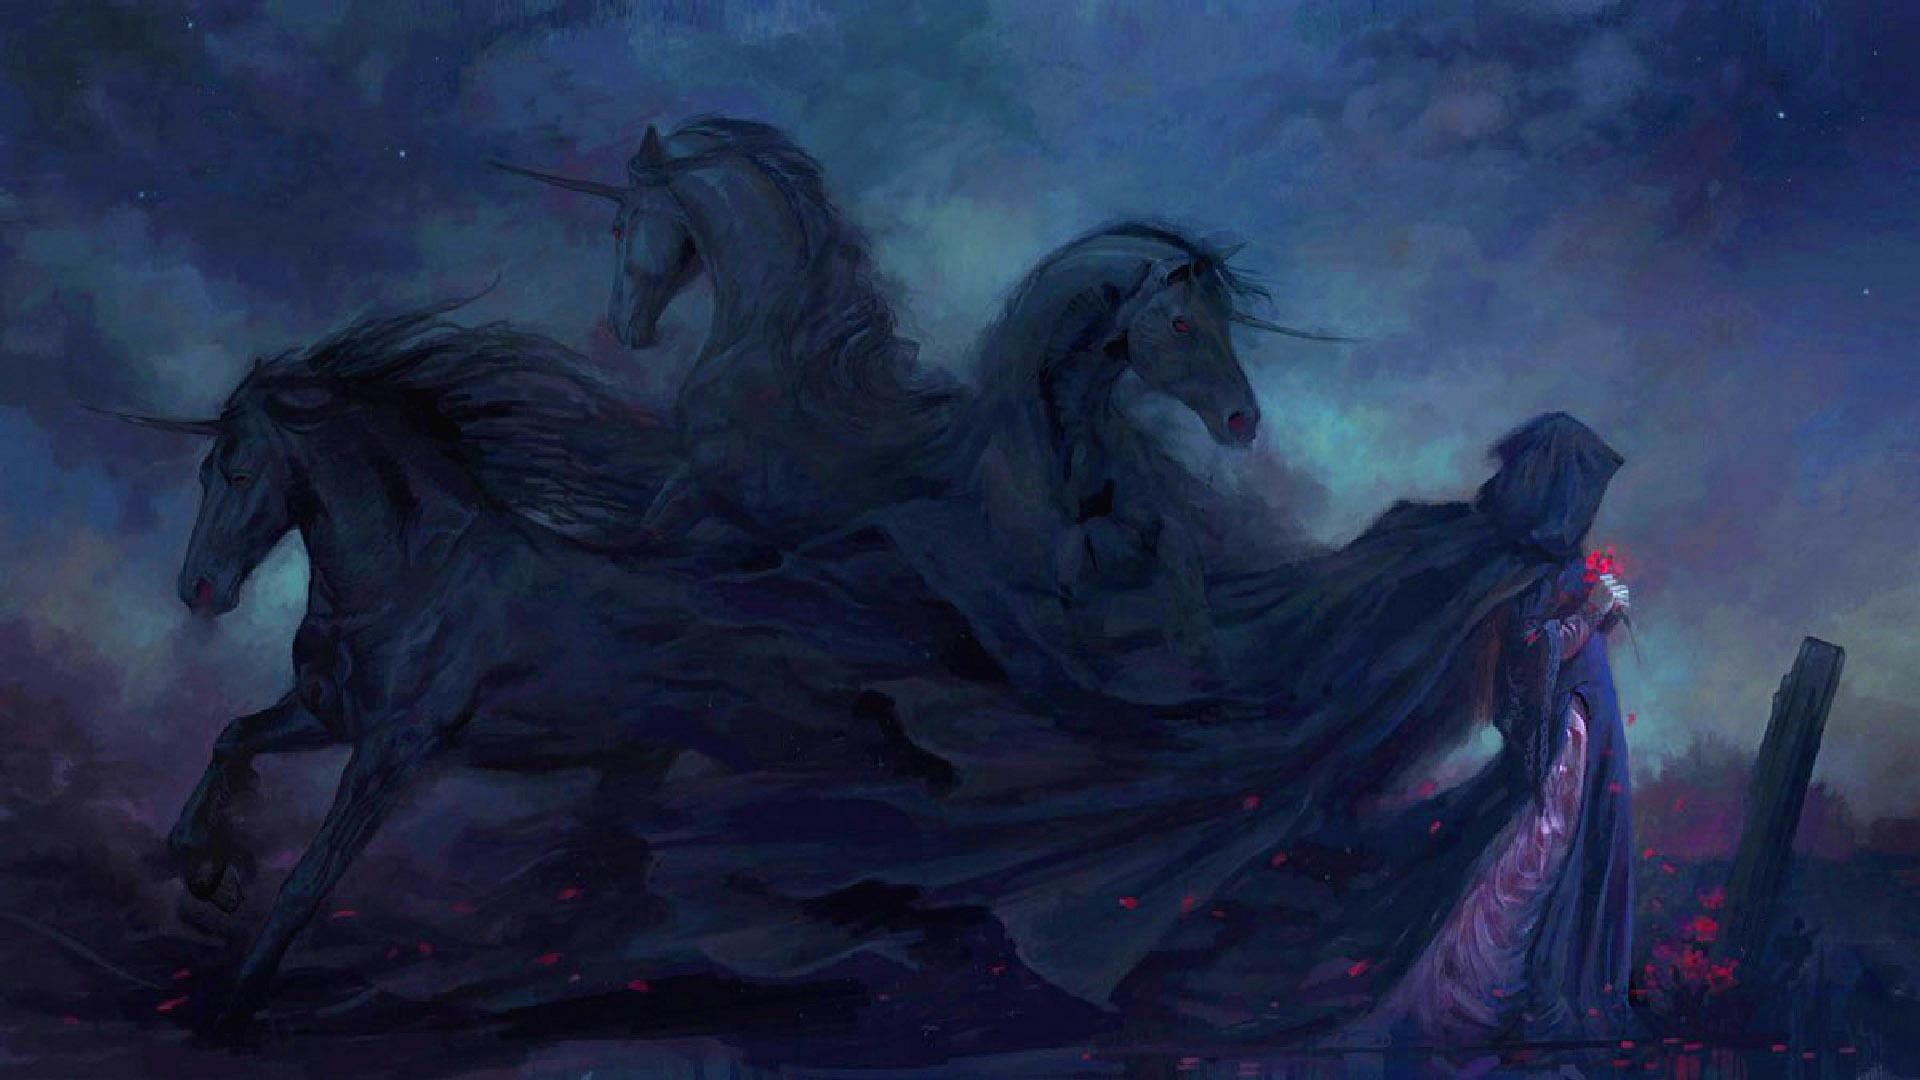 Dark Magic HD Wallpaper | Download HD Wallpapers